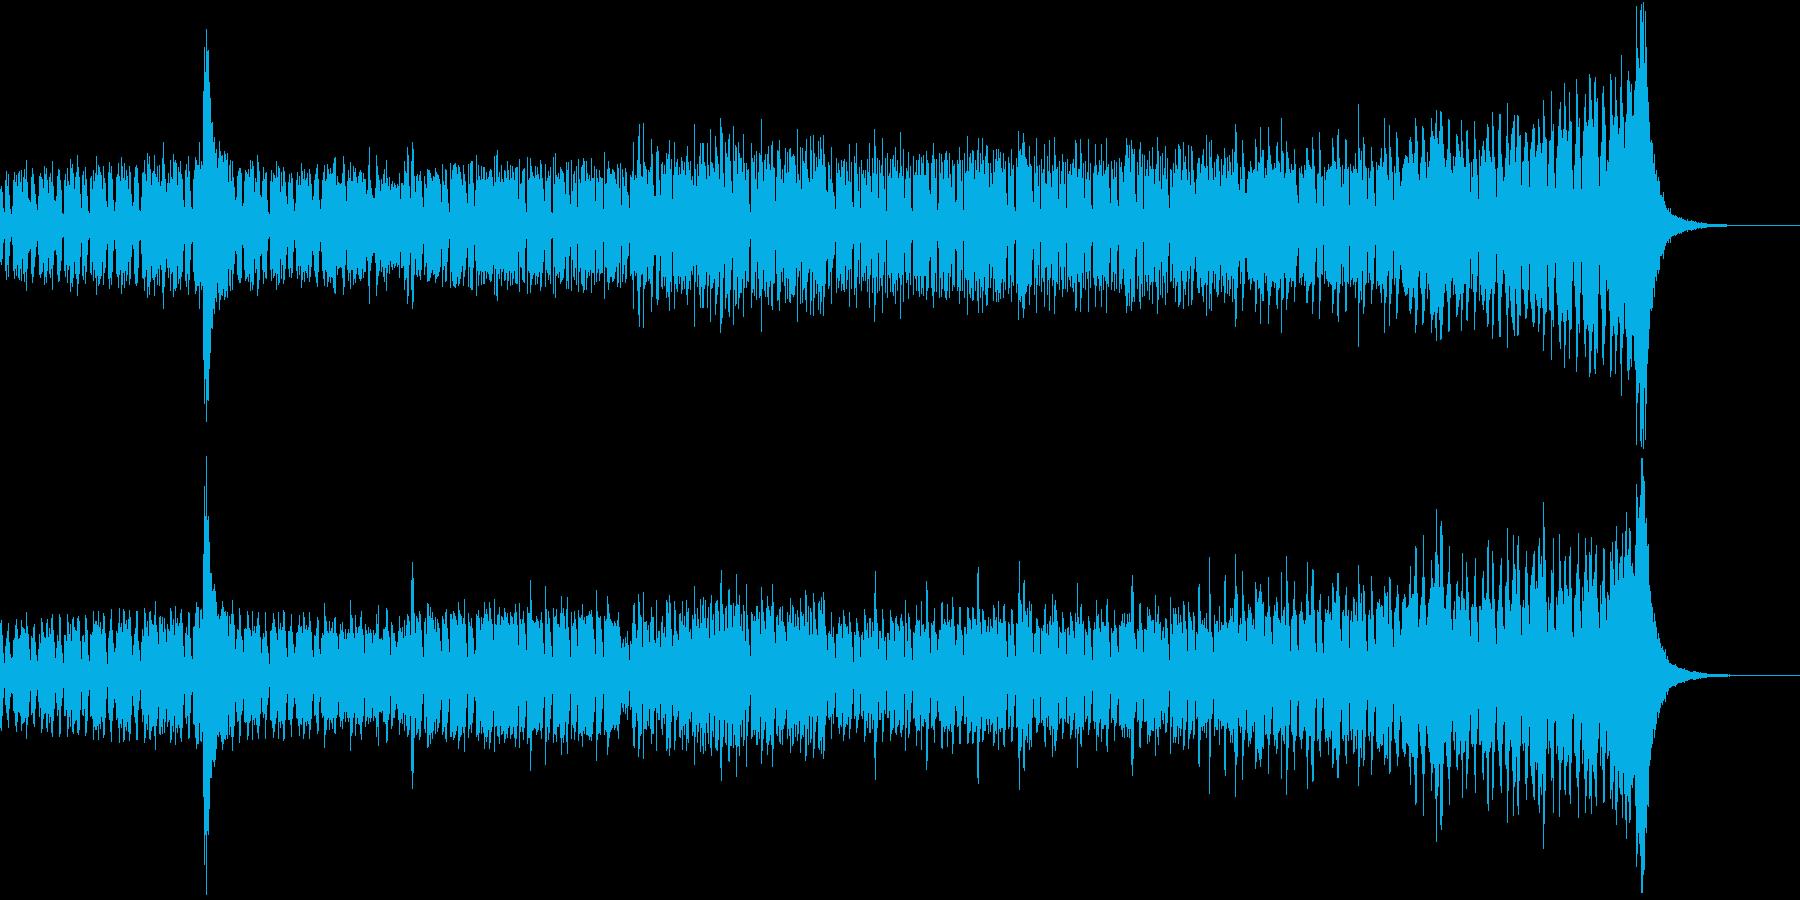 90秒ドキュメンタリーの挿入歌の再生済みの波形